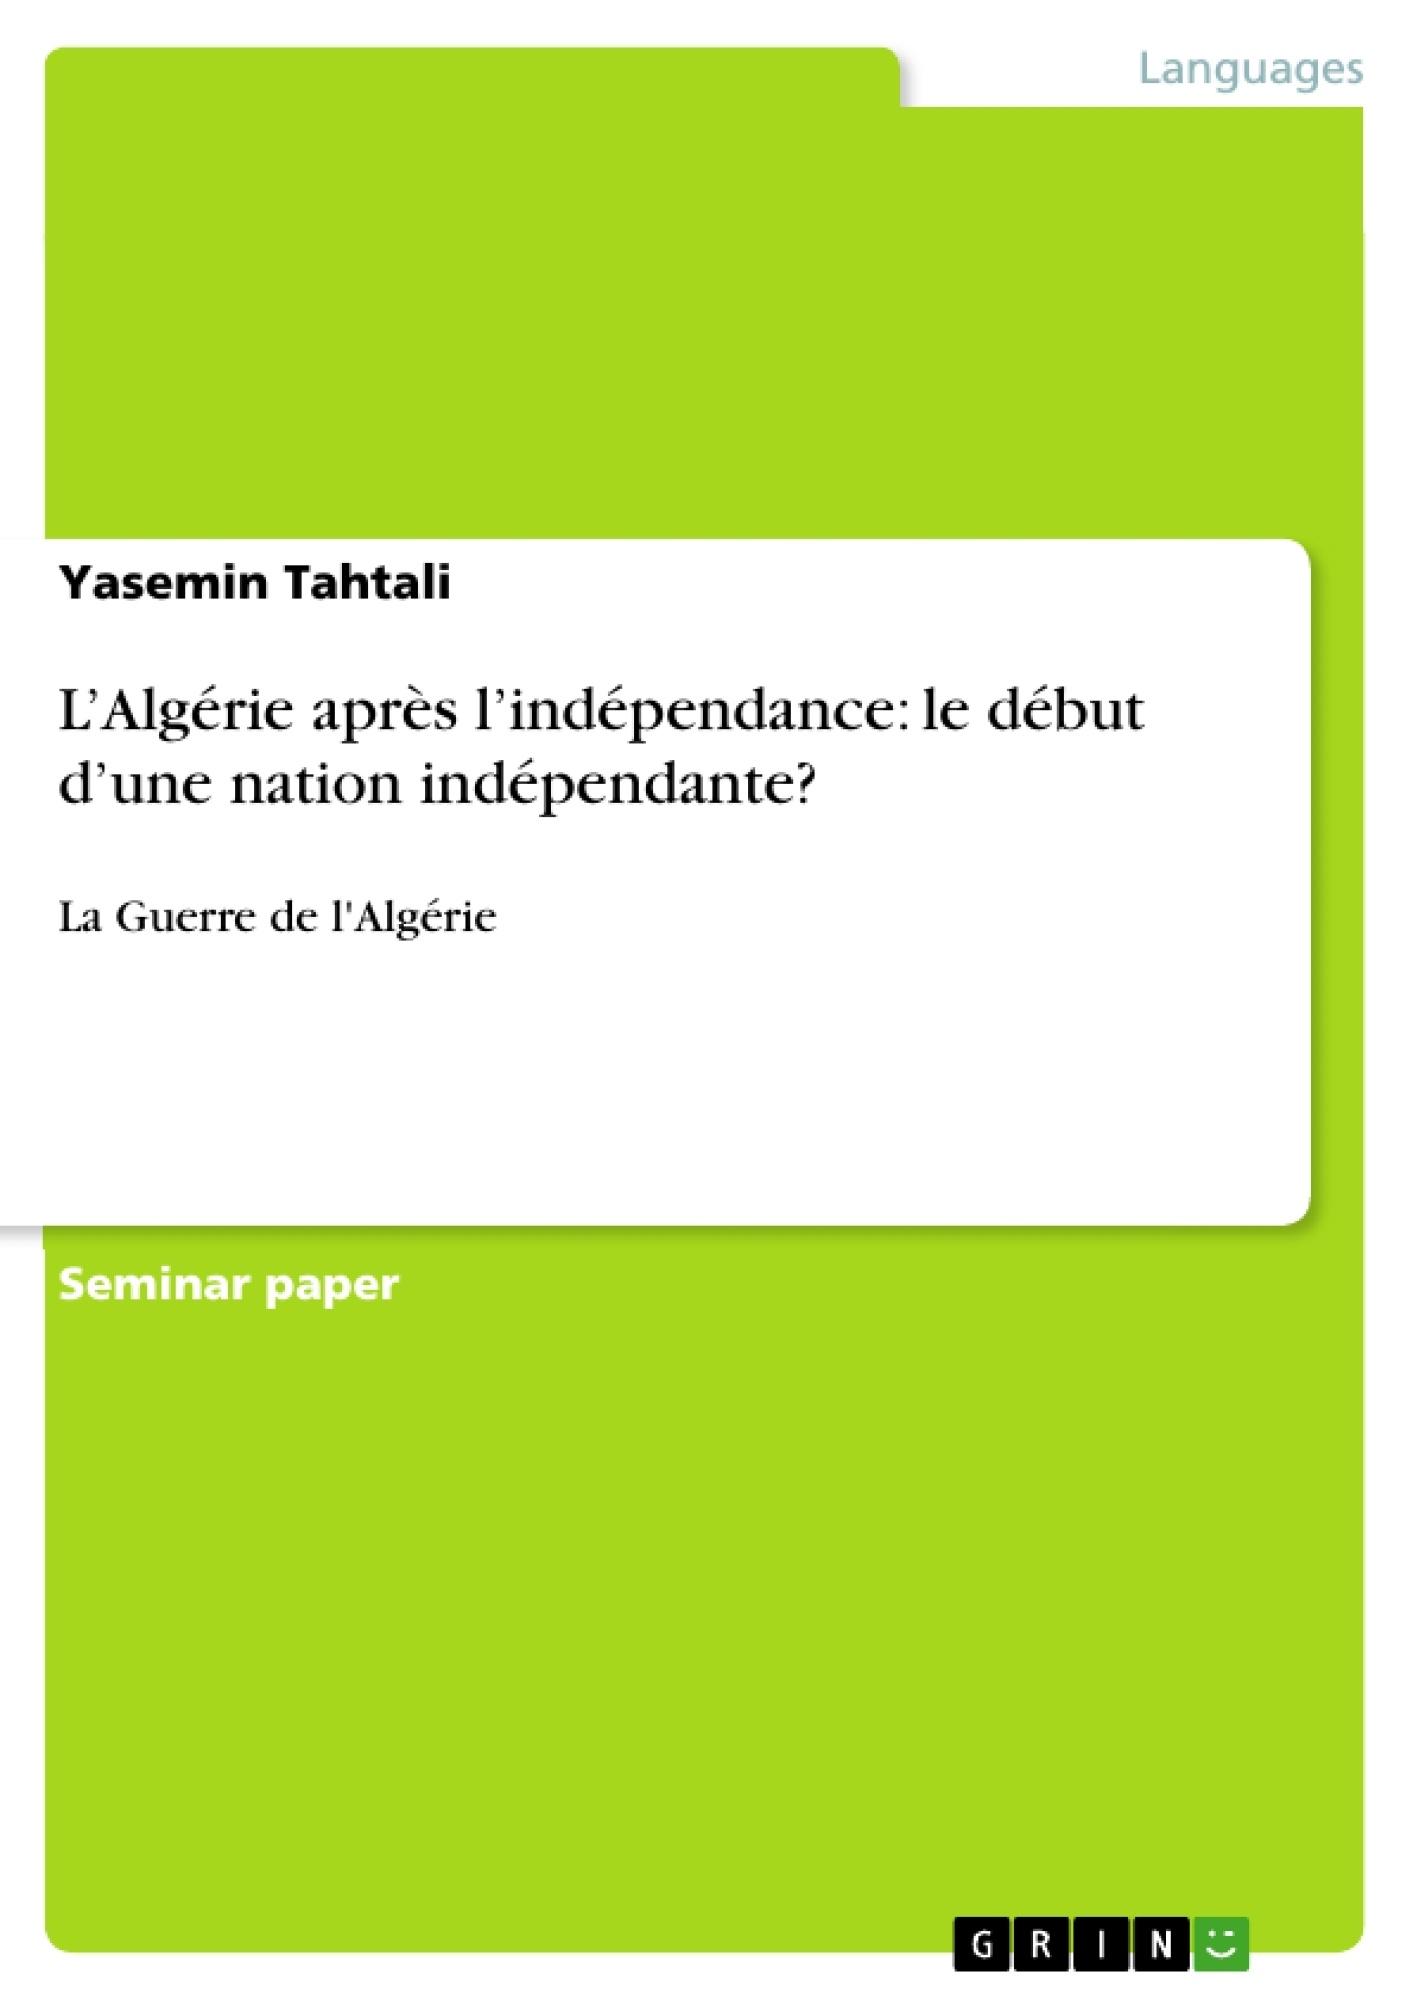 Titre: L'Algérie après l'indépendance: le début d'une nation indépendante?